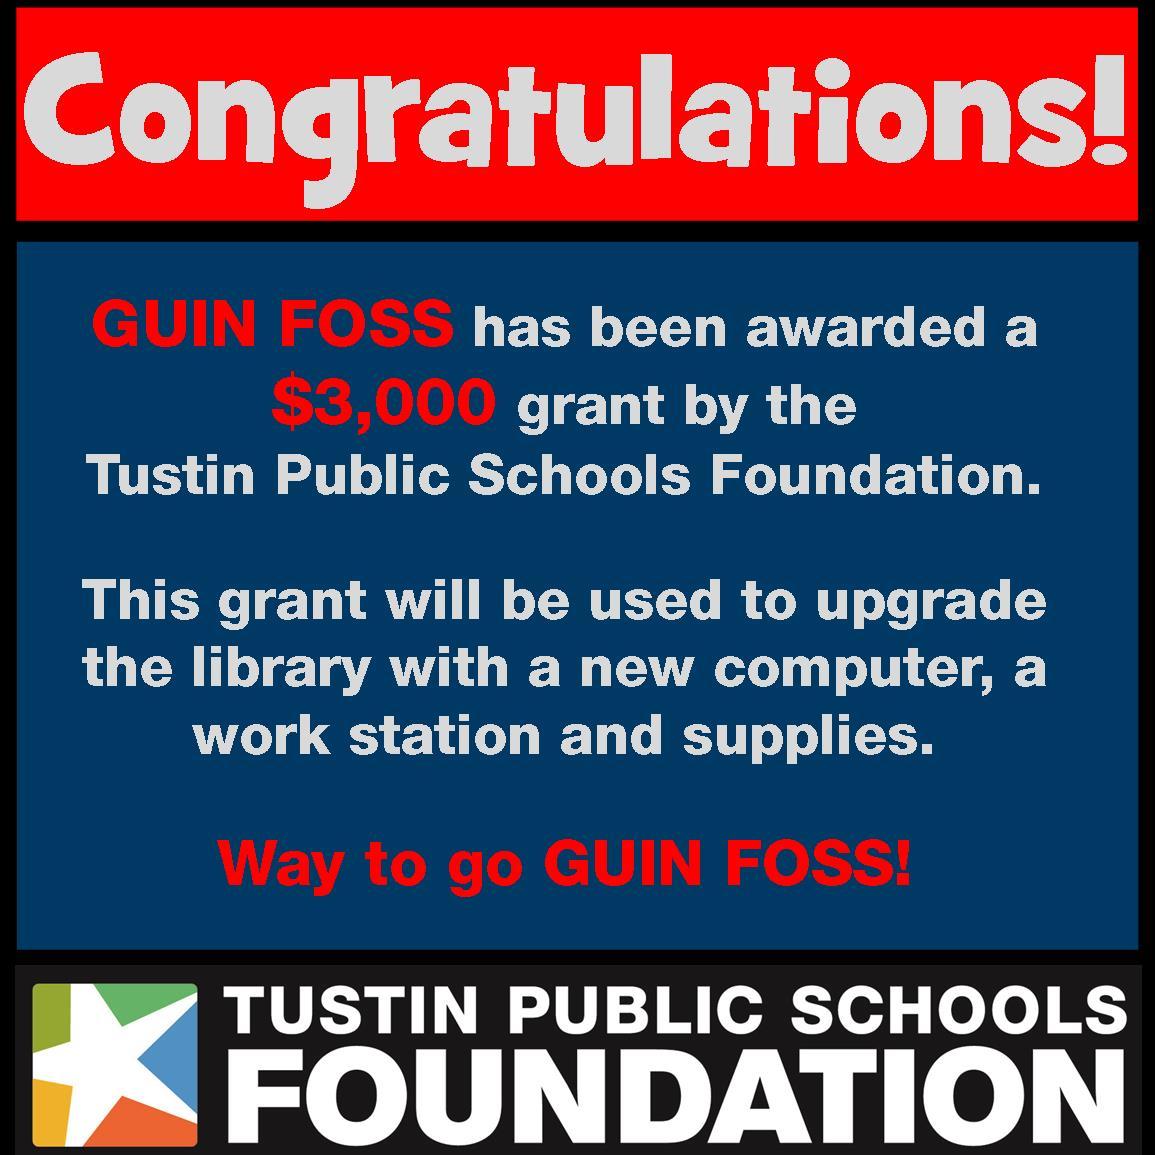 Guin Foss Grant Ad.jpg